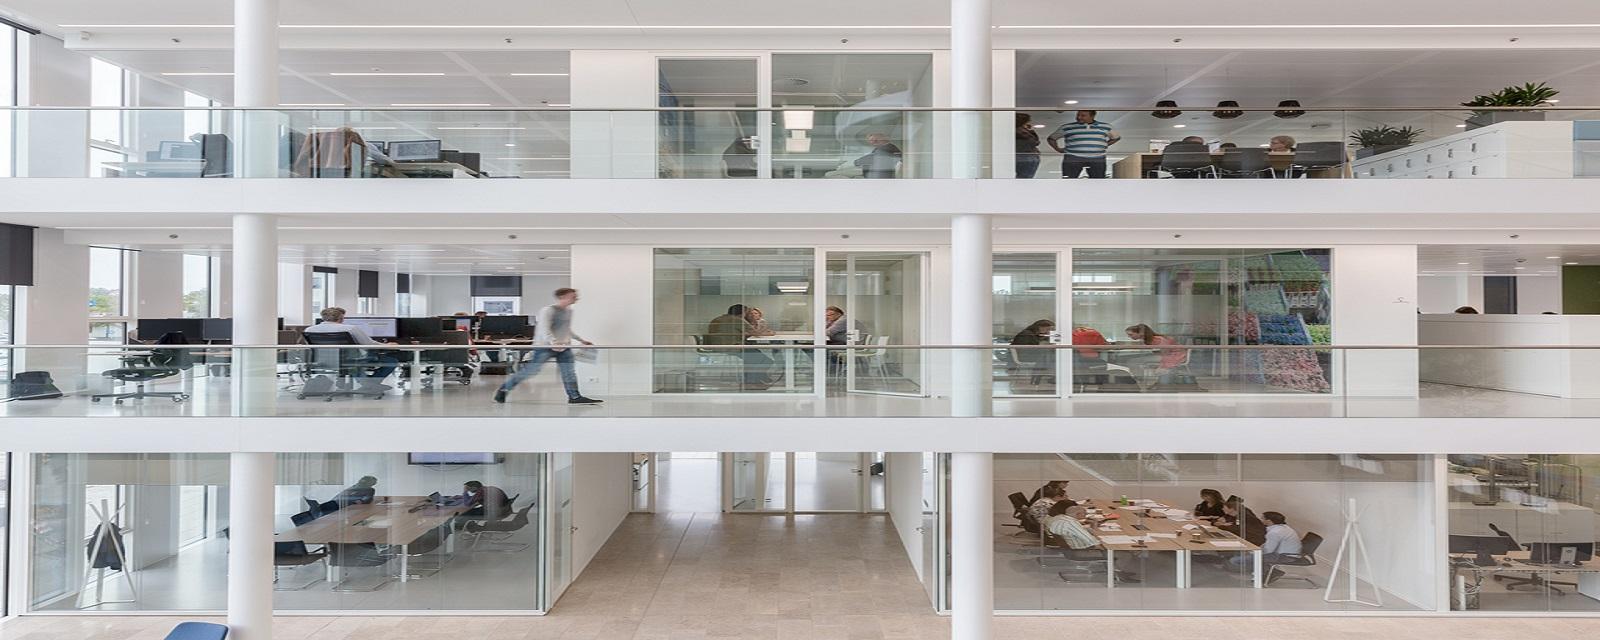 Çağrı İnşaat Ofis Bölme Sistemleri Tasarımı - Cam Bölme